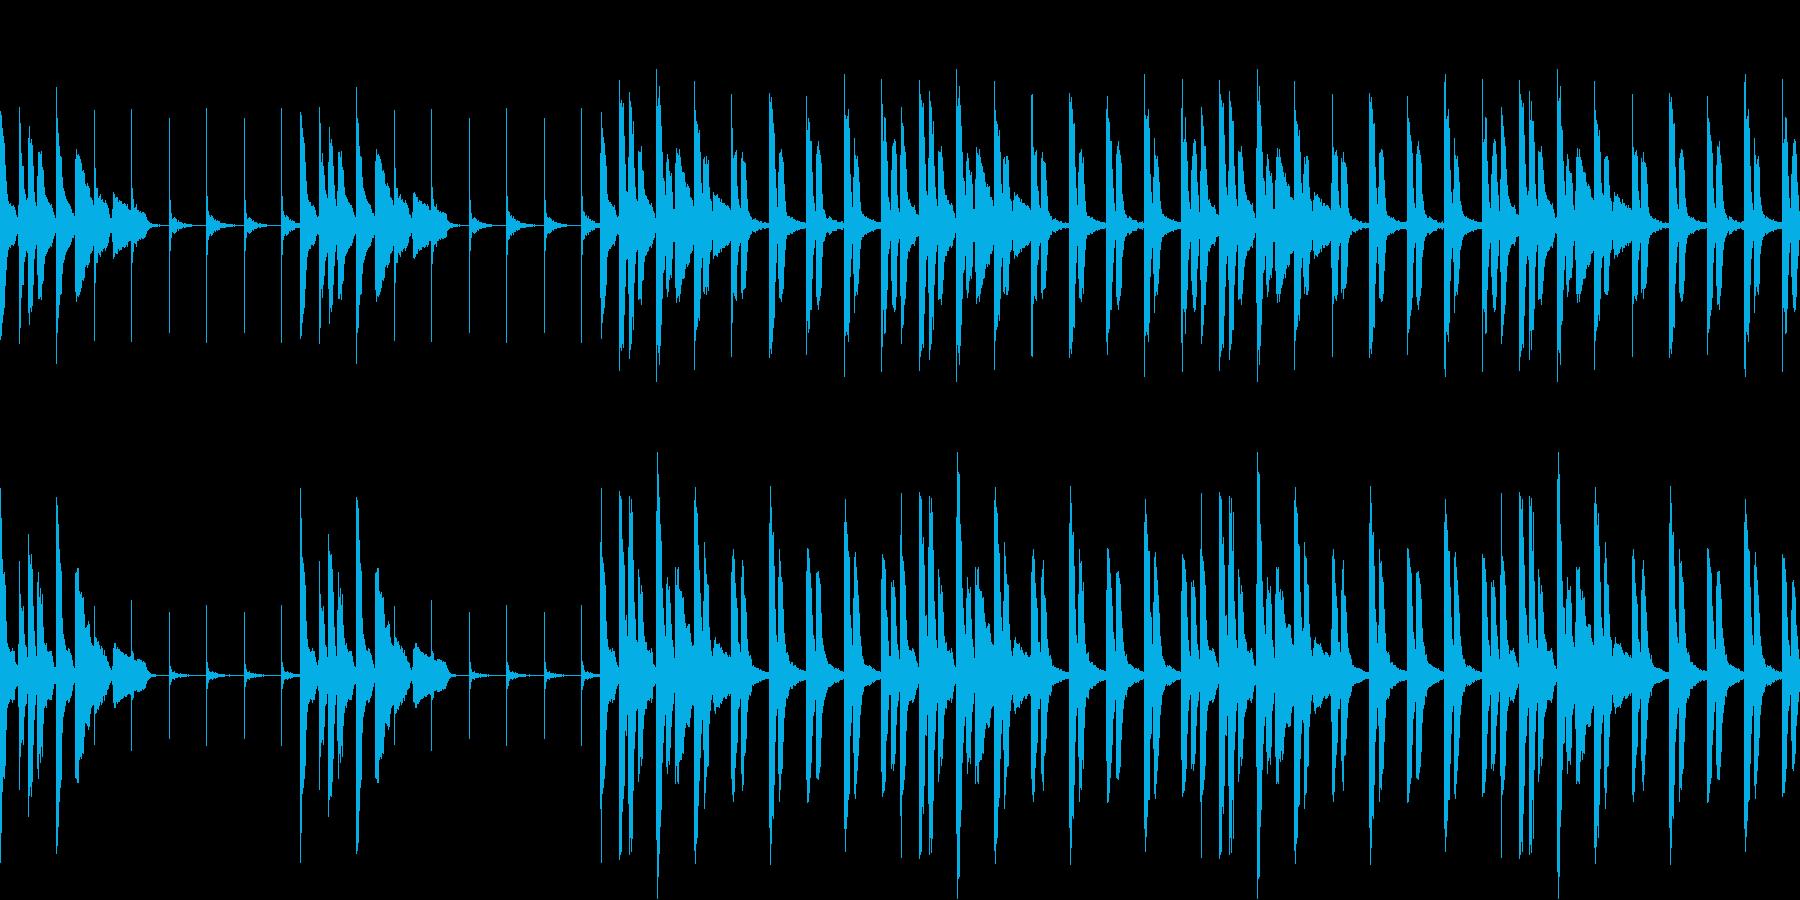 ゆるく迷っている時の曲(ループ仕様)の再生済みの波形